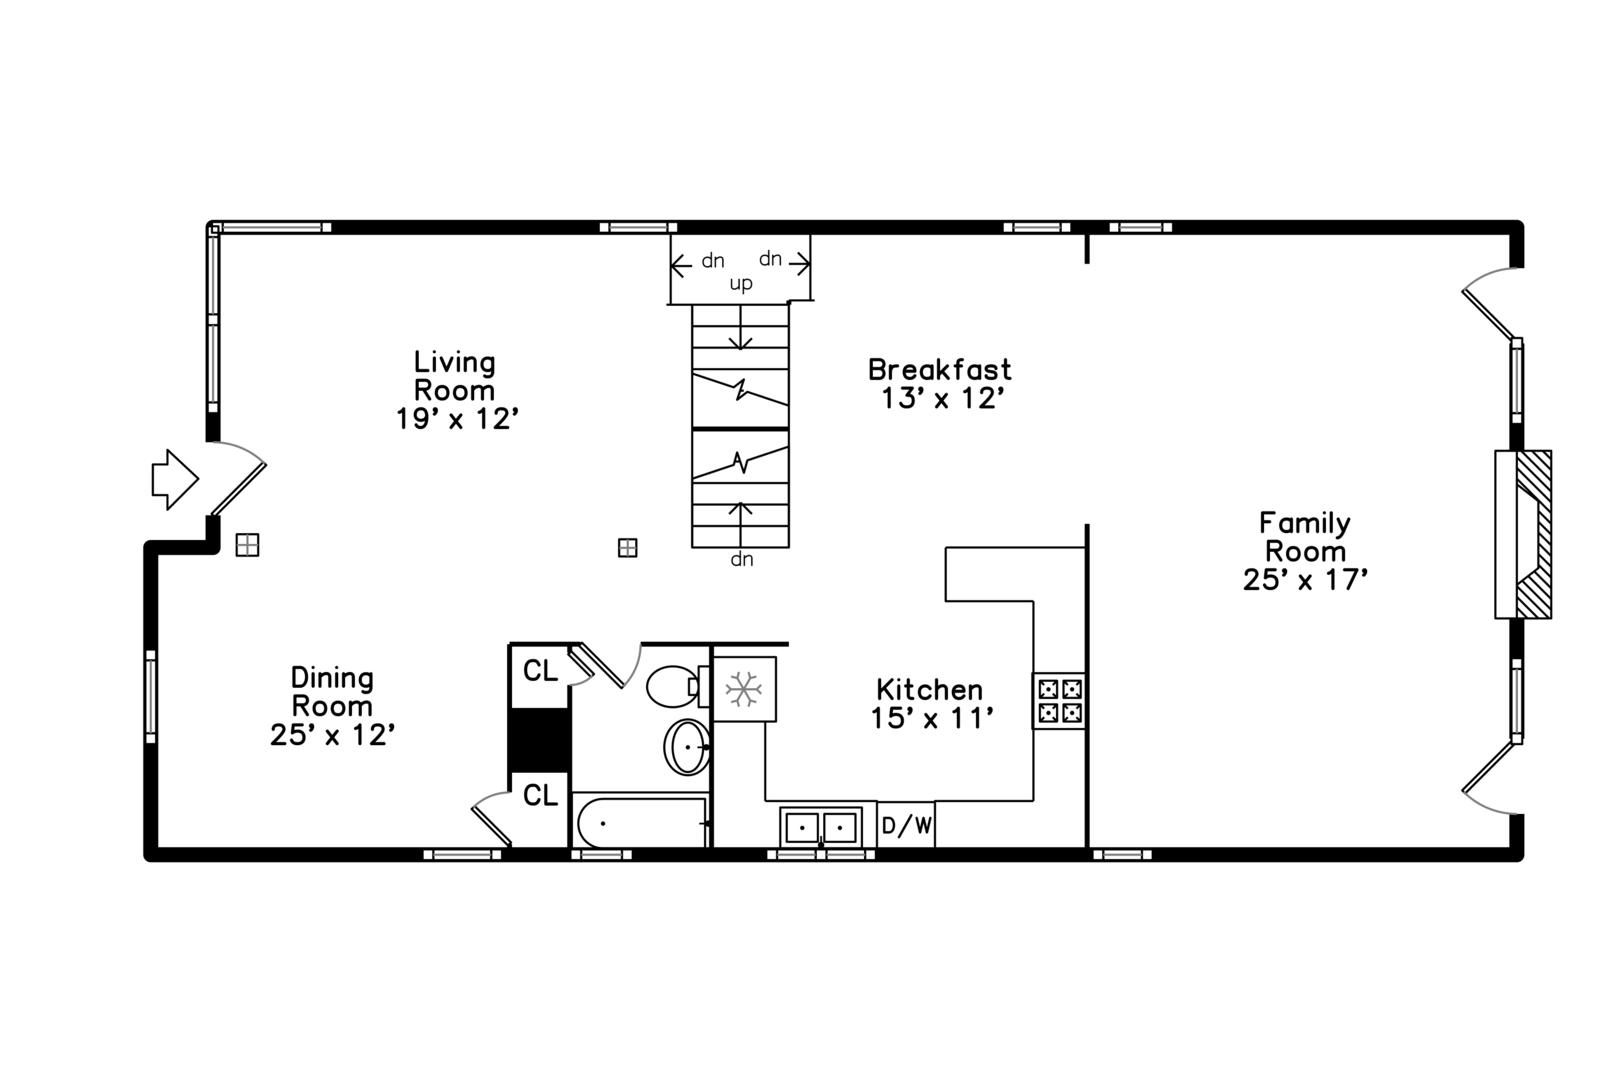 2311 North 78th, Elmwood Park, Illinois, 60707